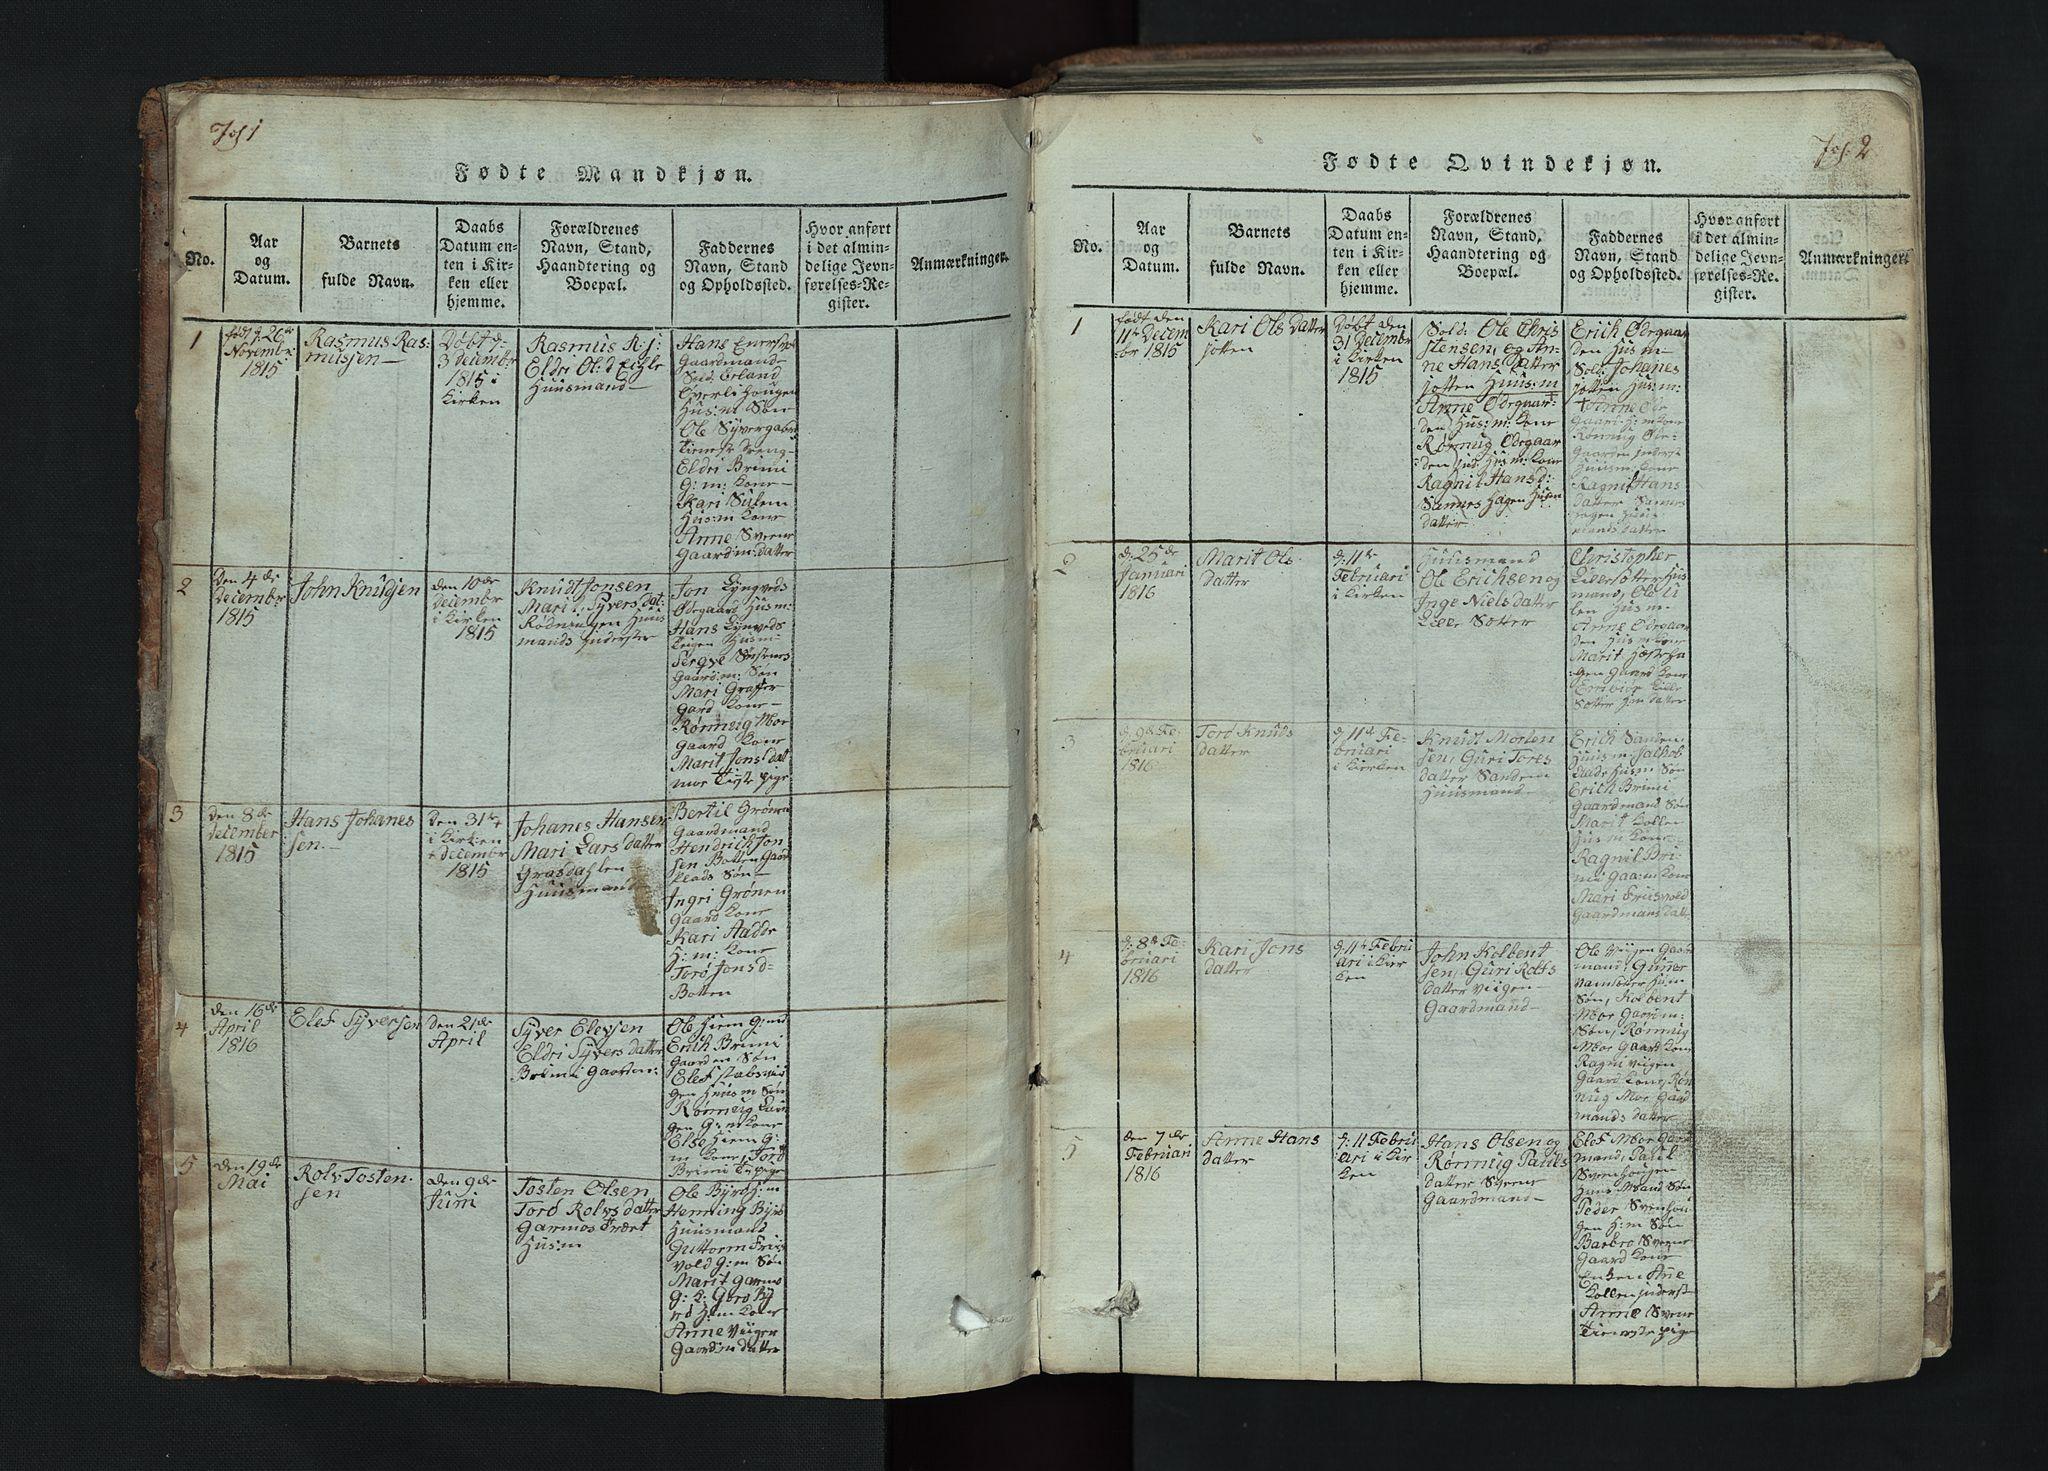 SAH, Lom prestekontor, L/L0002: Klokkerbok nr. 2, 1815-1844, s. 2